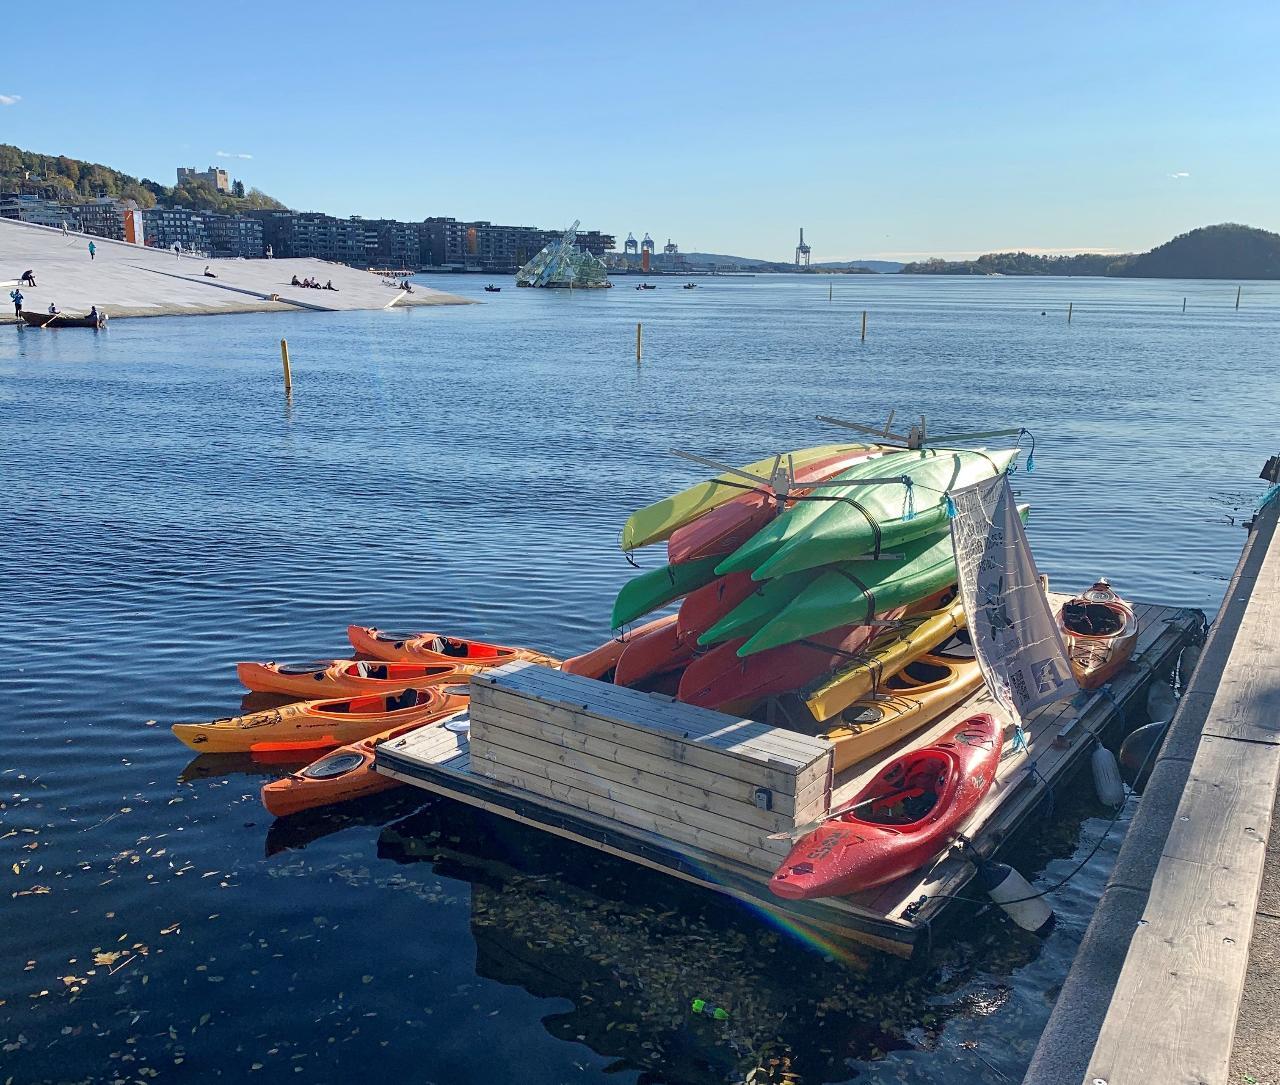 Self-service Kayak Rental (Langkaia, Oslo)